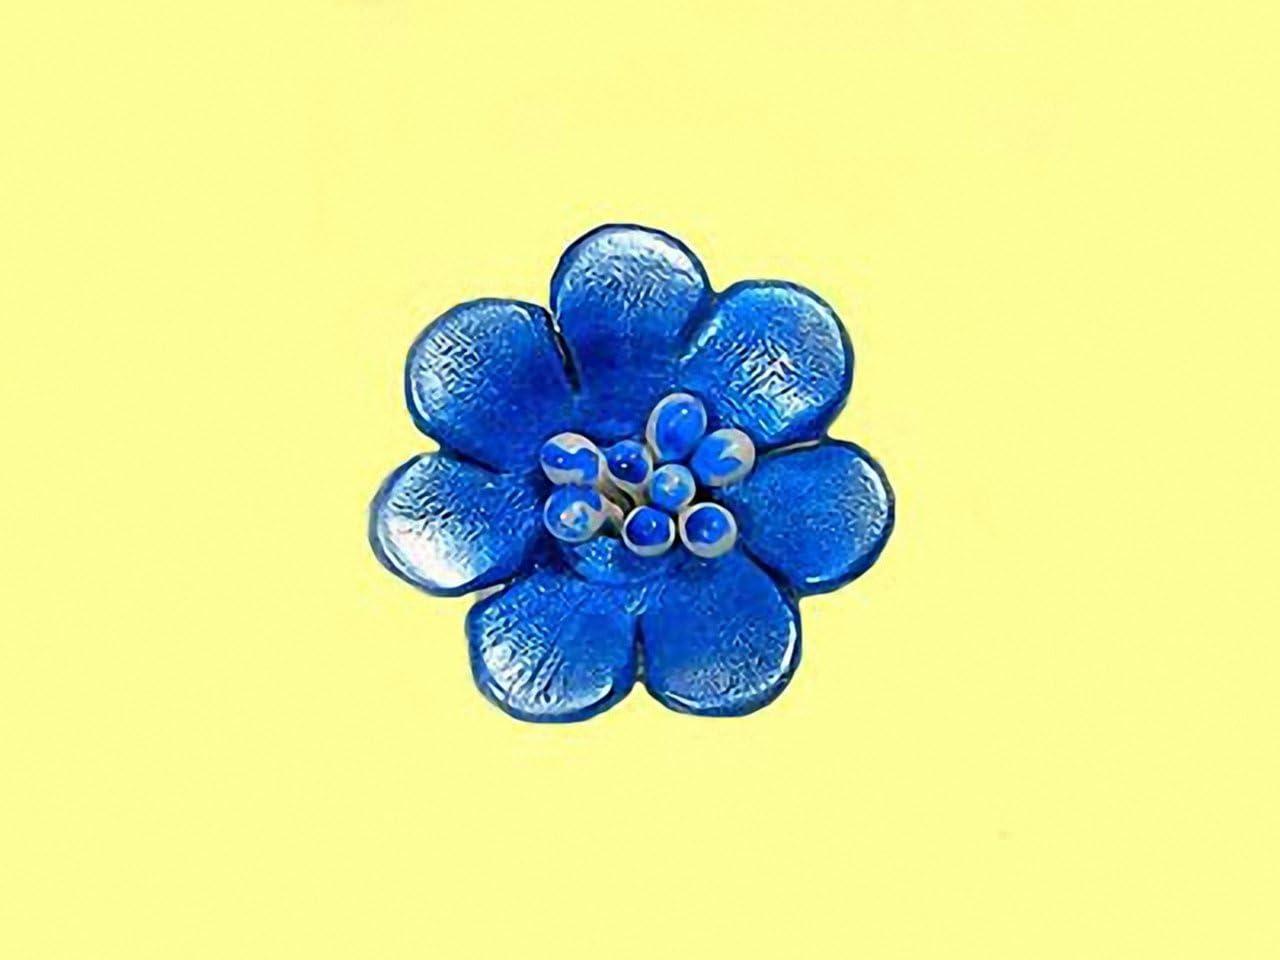 Magic and Arts Lederbl/üte Klemme blau metallic